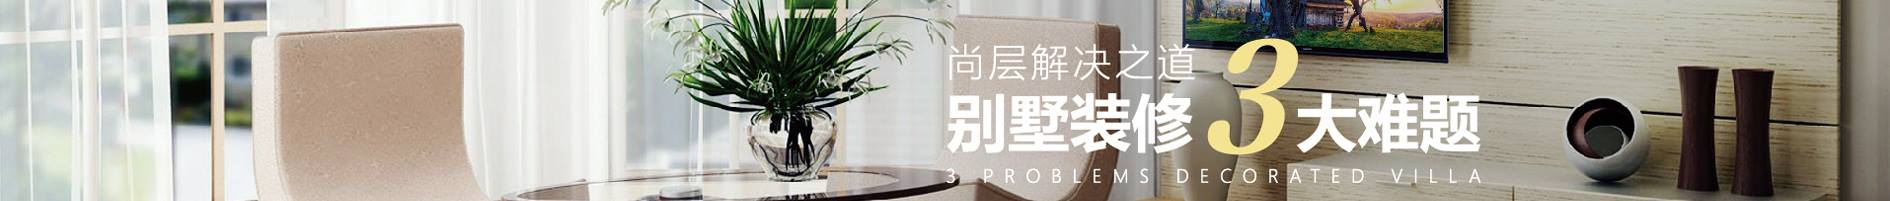 上海别墅装修设计3大难题如何解决